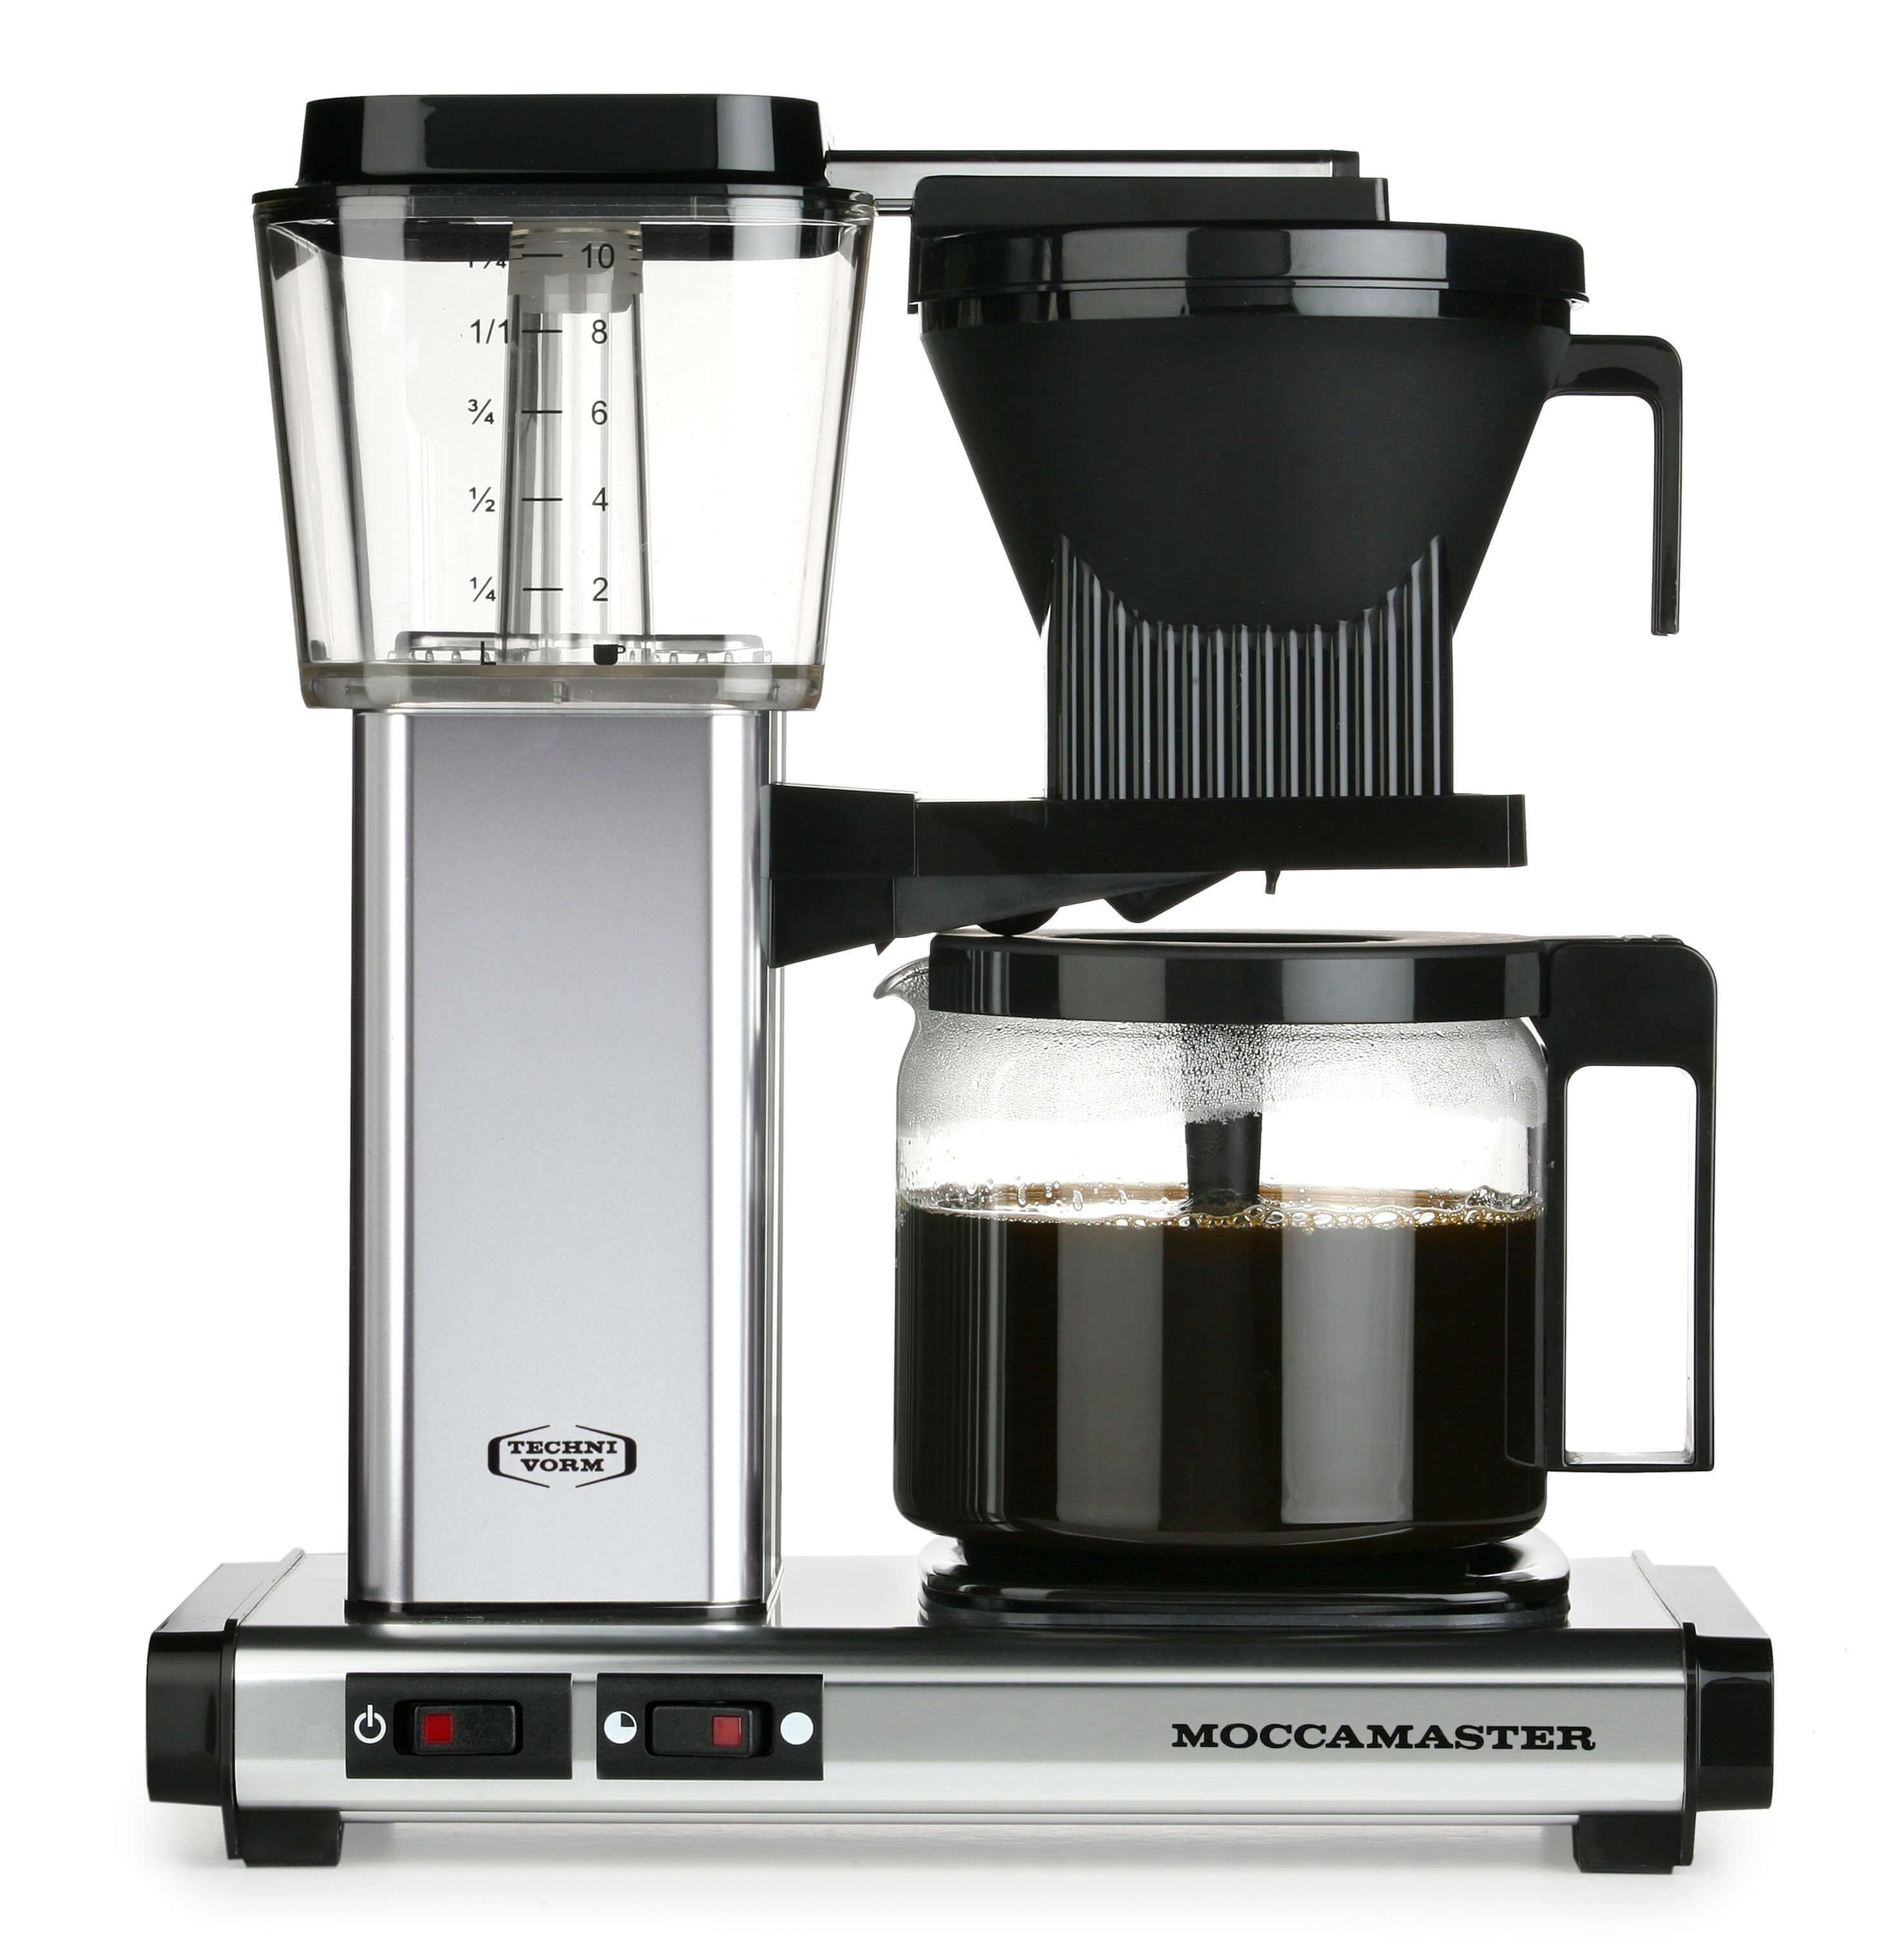 Moccamaster Kaffeeautomat KB 741 AO Polished Silver | Kamasega